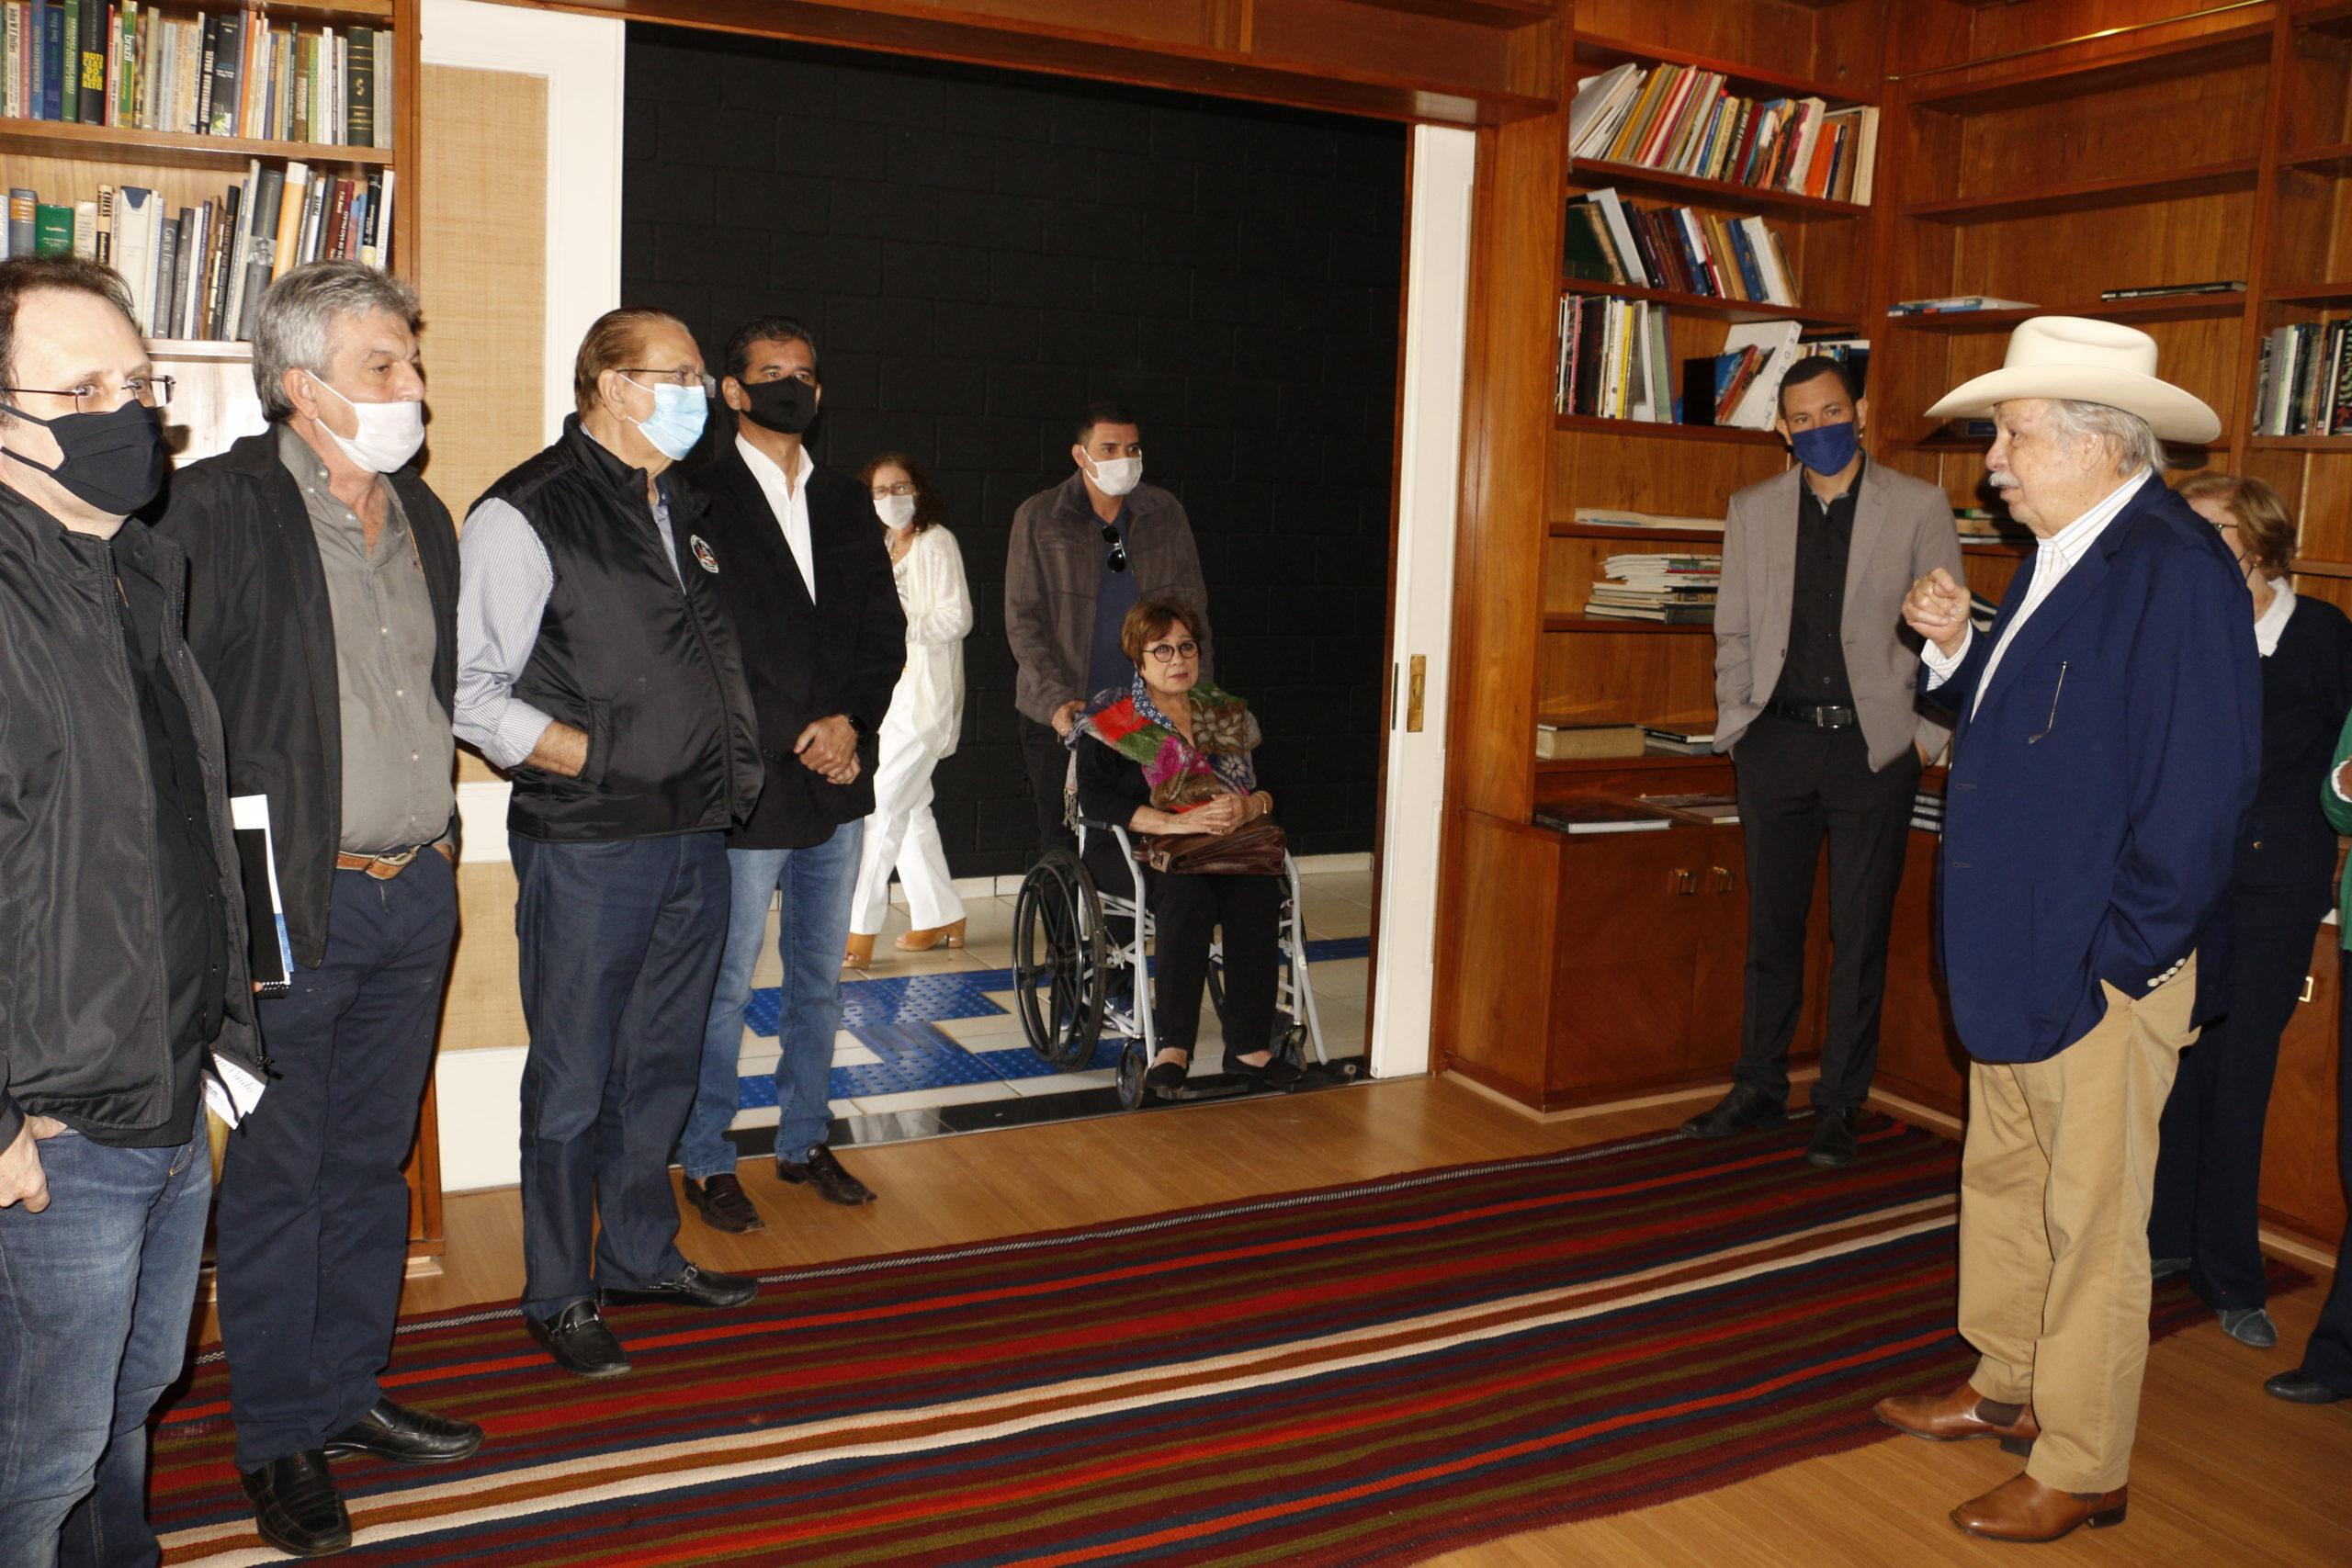 Roque Quagliato apresentou aos mantenedores a Biblioteca Rubens Barbosa instalada no Centro Universitário UNIFIO